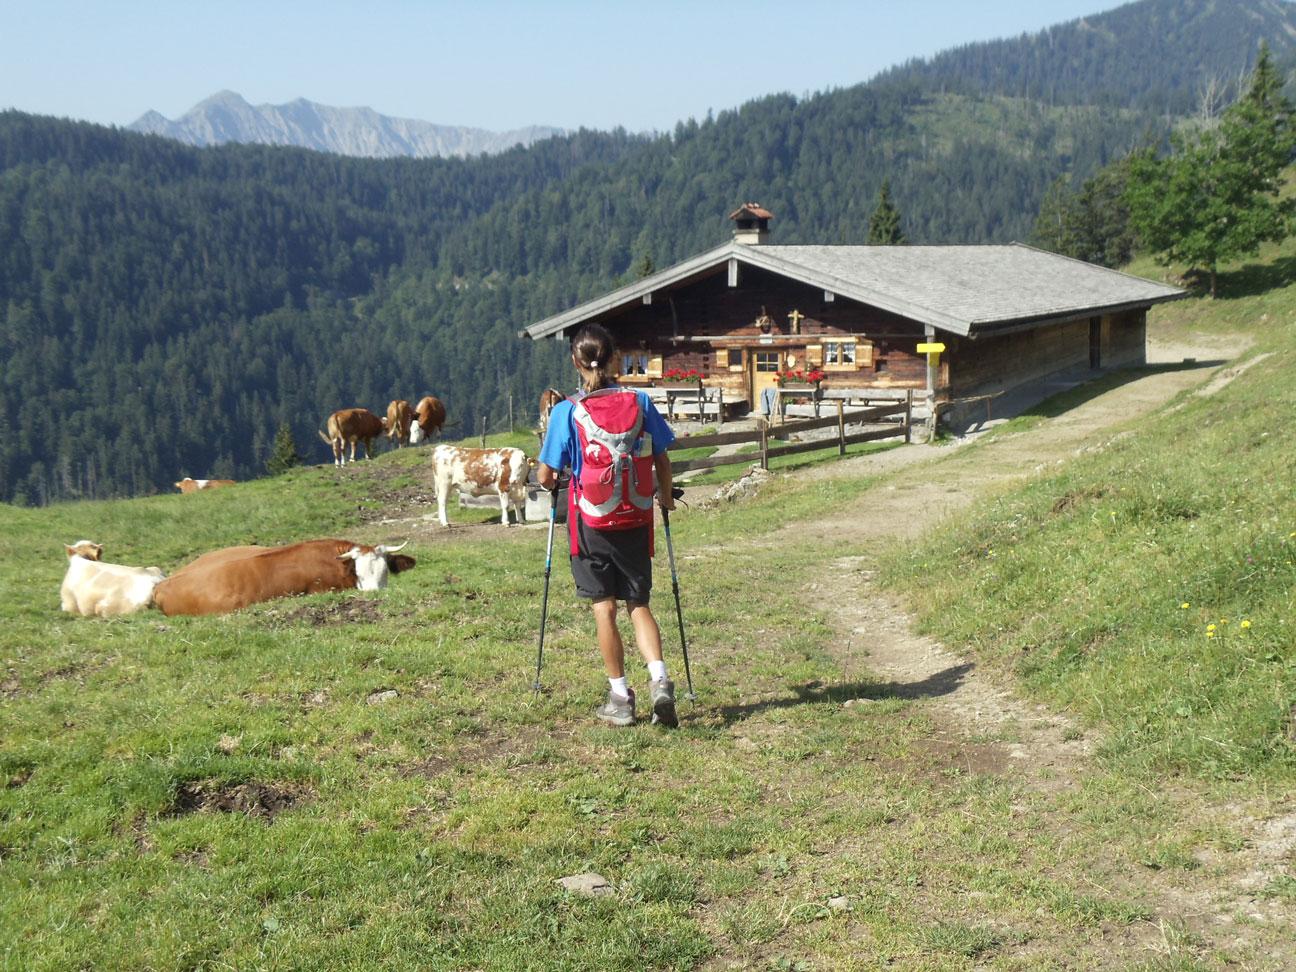 Bayerische-Alpen_Alm_Wanderer_1